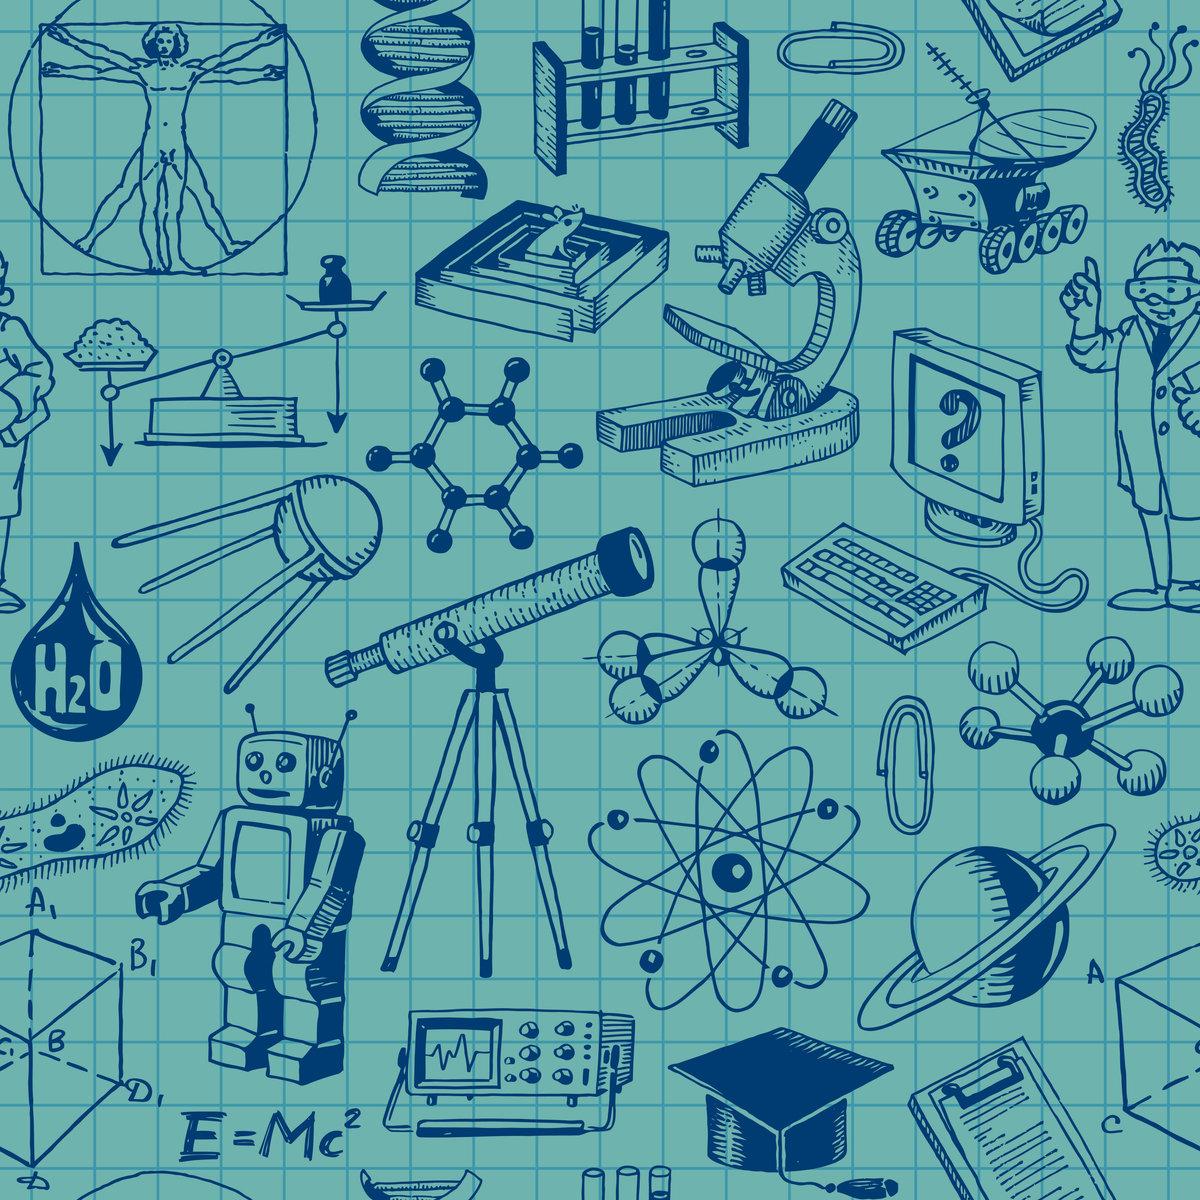 Картинки связанные с физикой которые можно вырезать